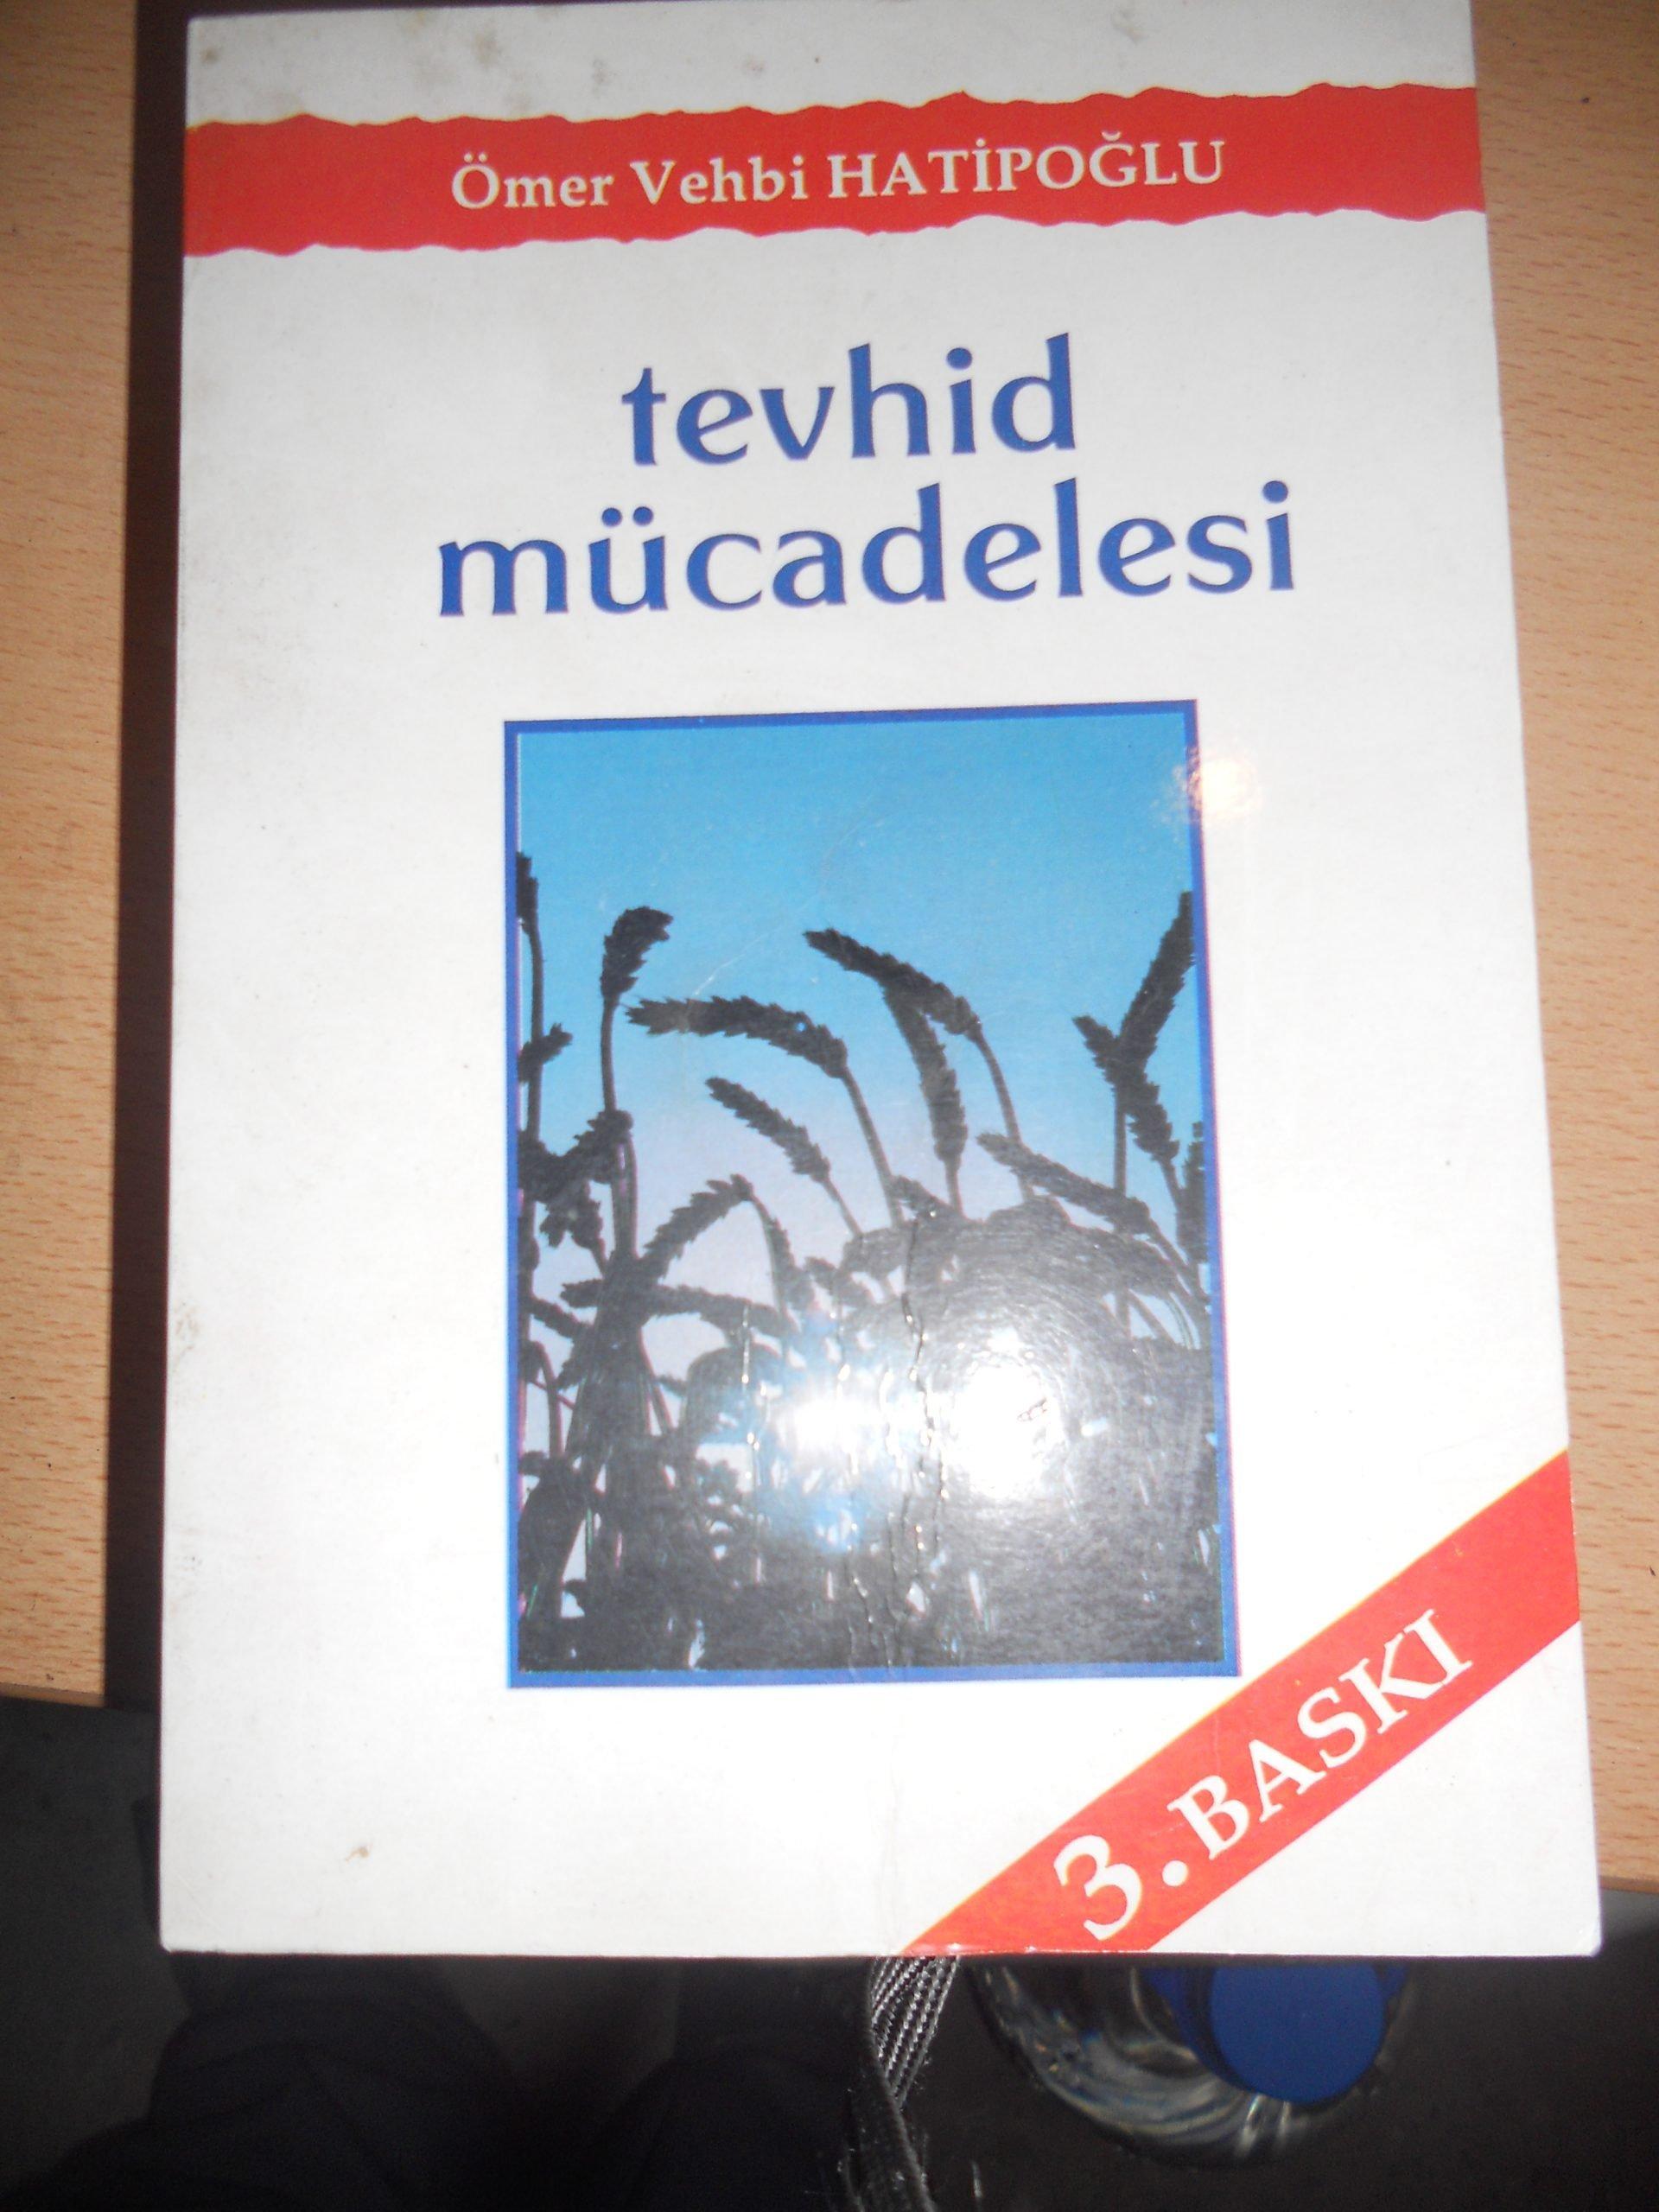 TEVHİD MÜCADELESİ/Ö.Vehbi Hatiboğlu/10 tl